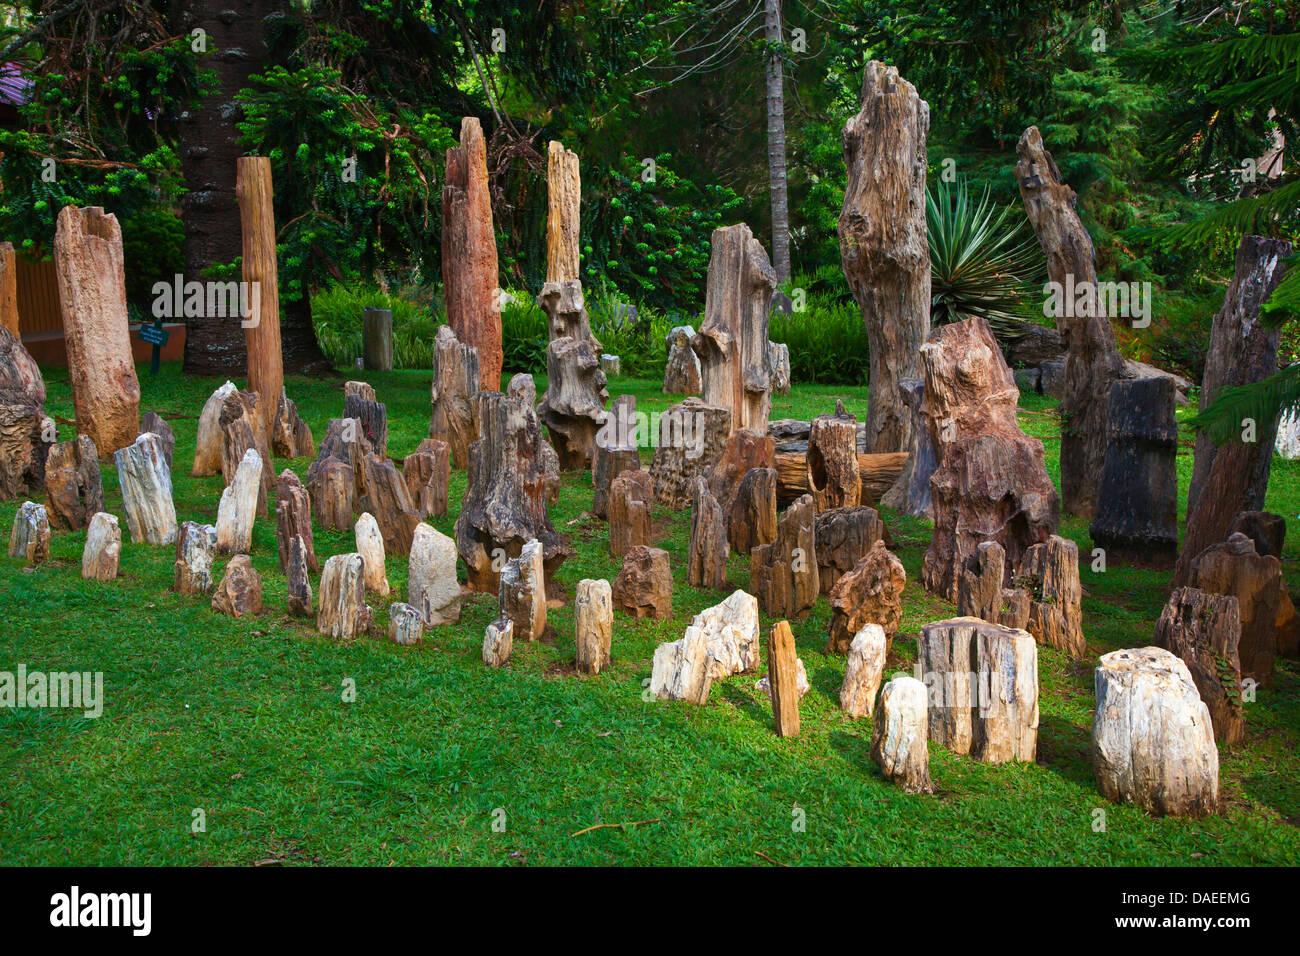 petrified wood exhibit at the National Kandawgyi Gardens, Burma, Pyin U Lwin Stock Photo